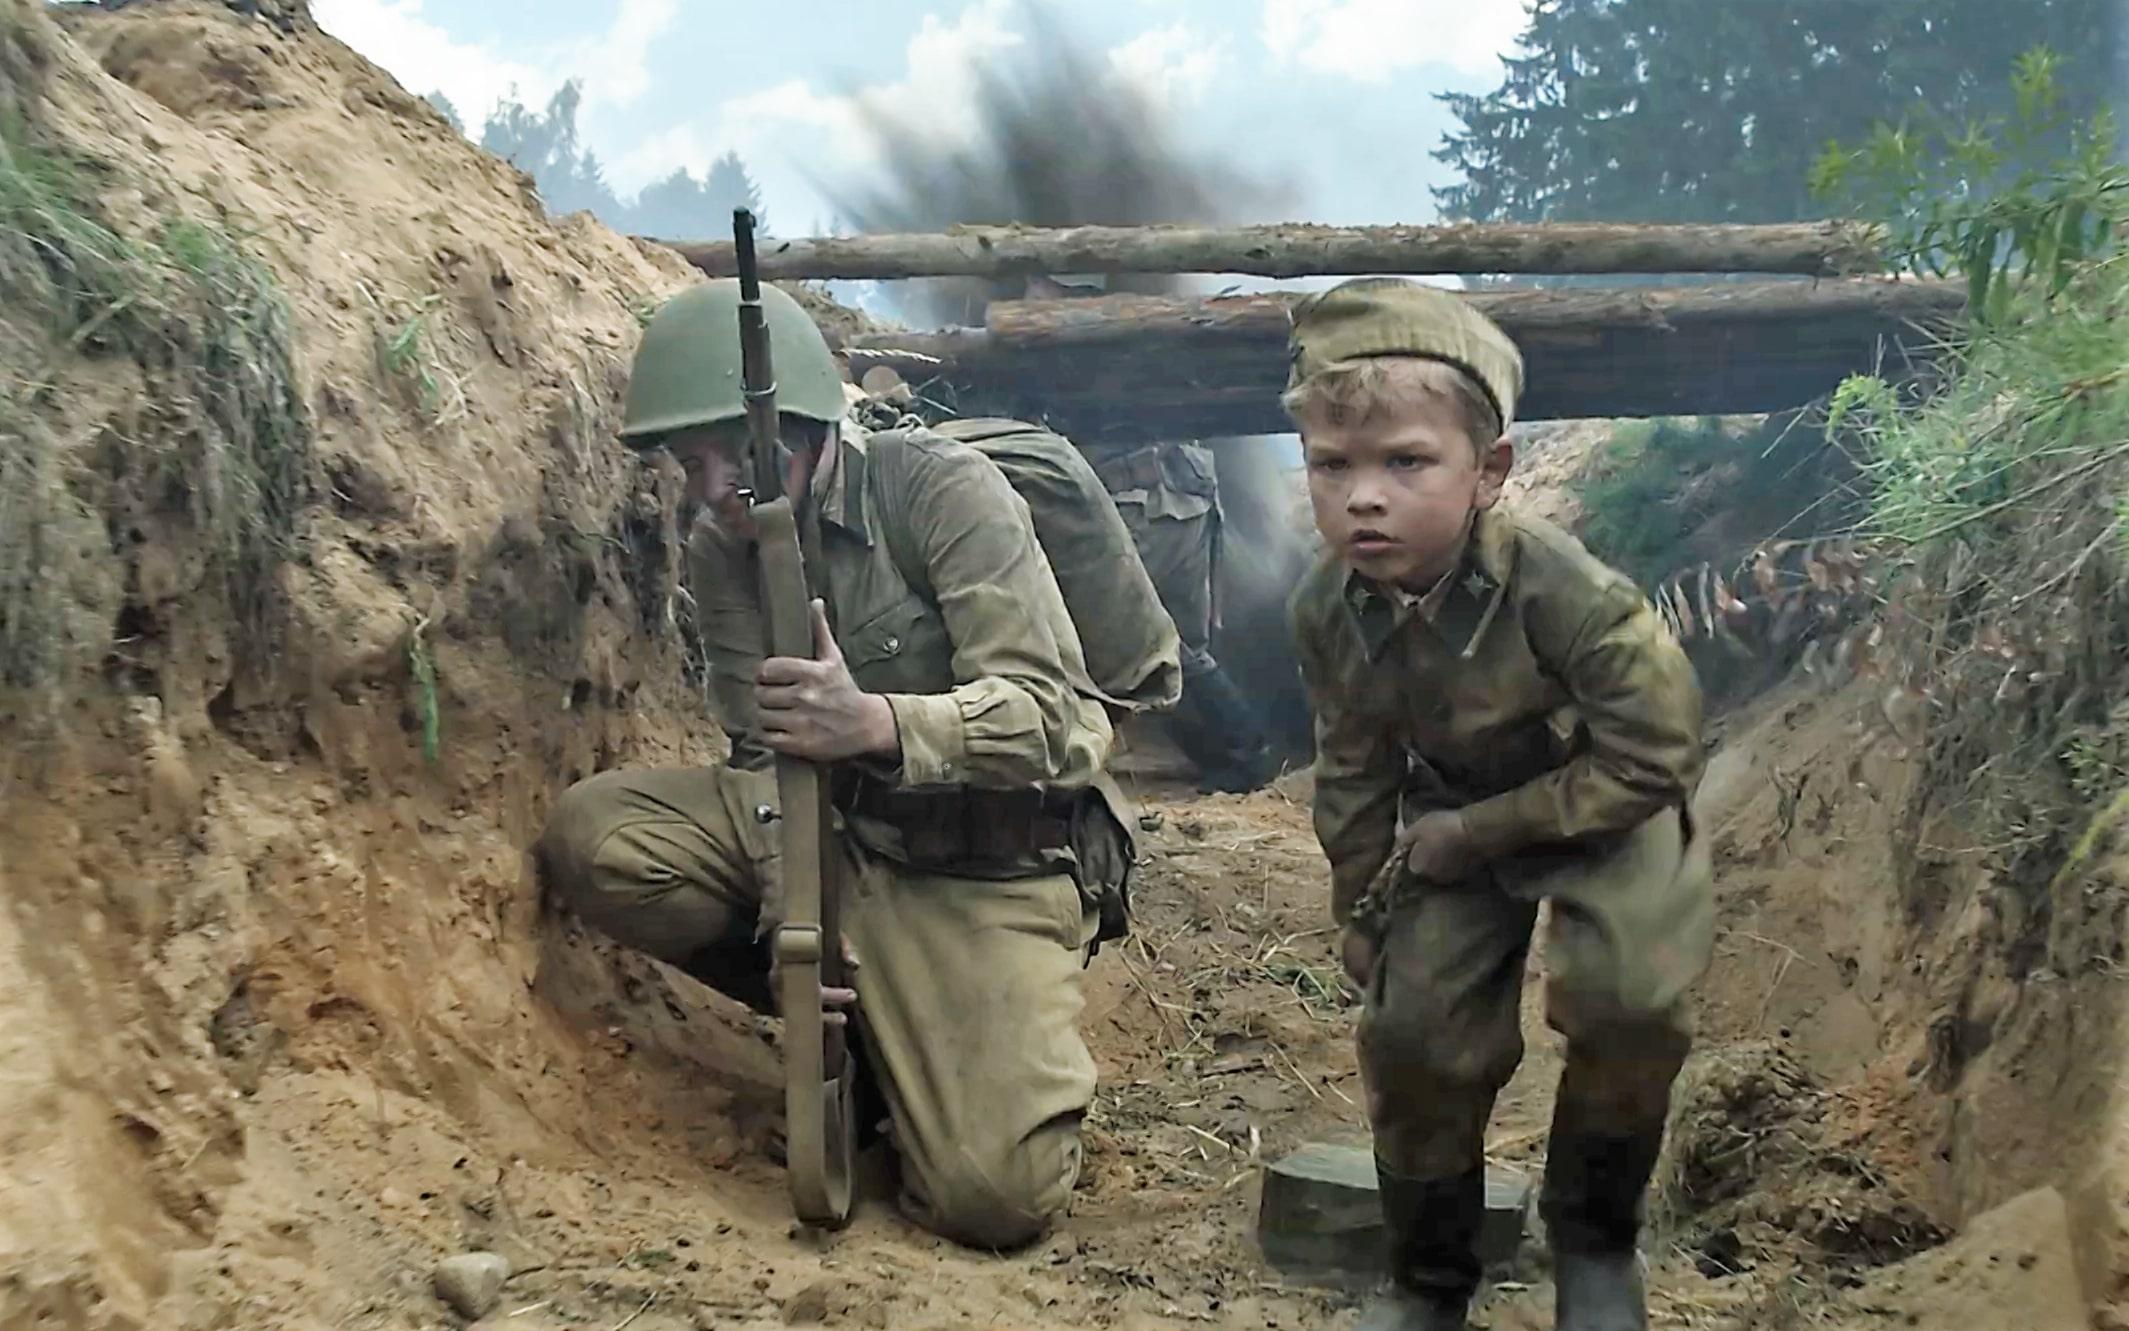 Детские фильмы о войне стали сниматься редко